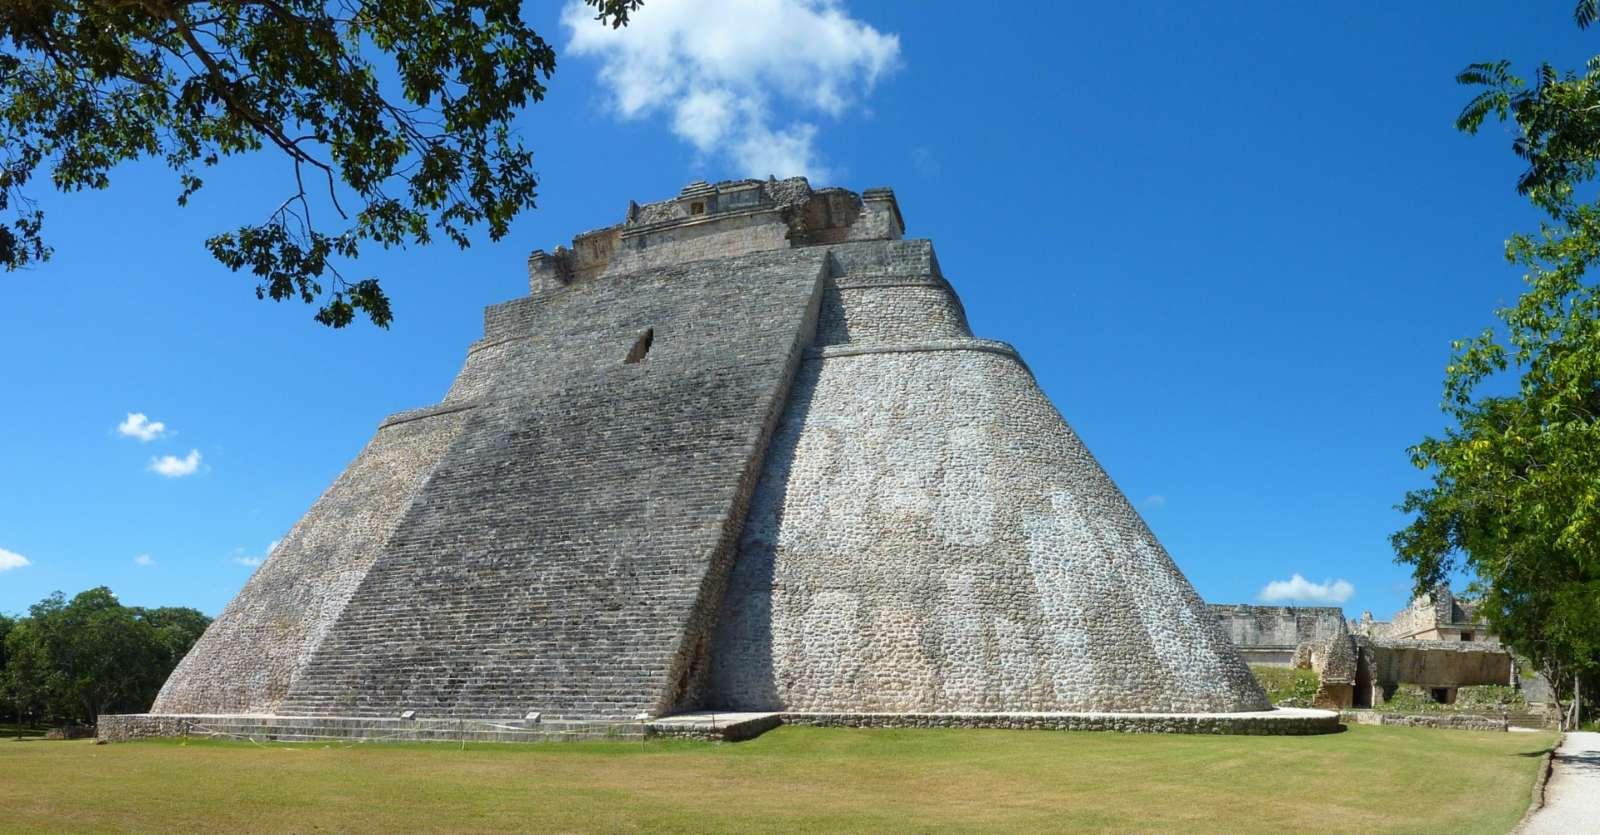 Impressive pyramid at the Mayan city of Uxmal, Mexico